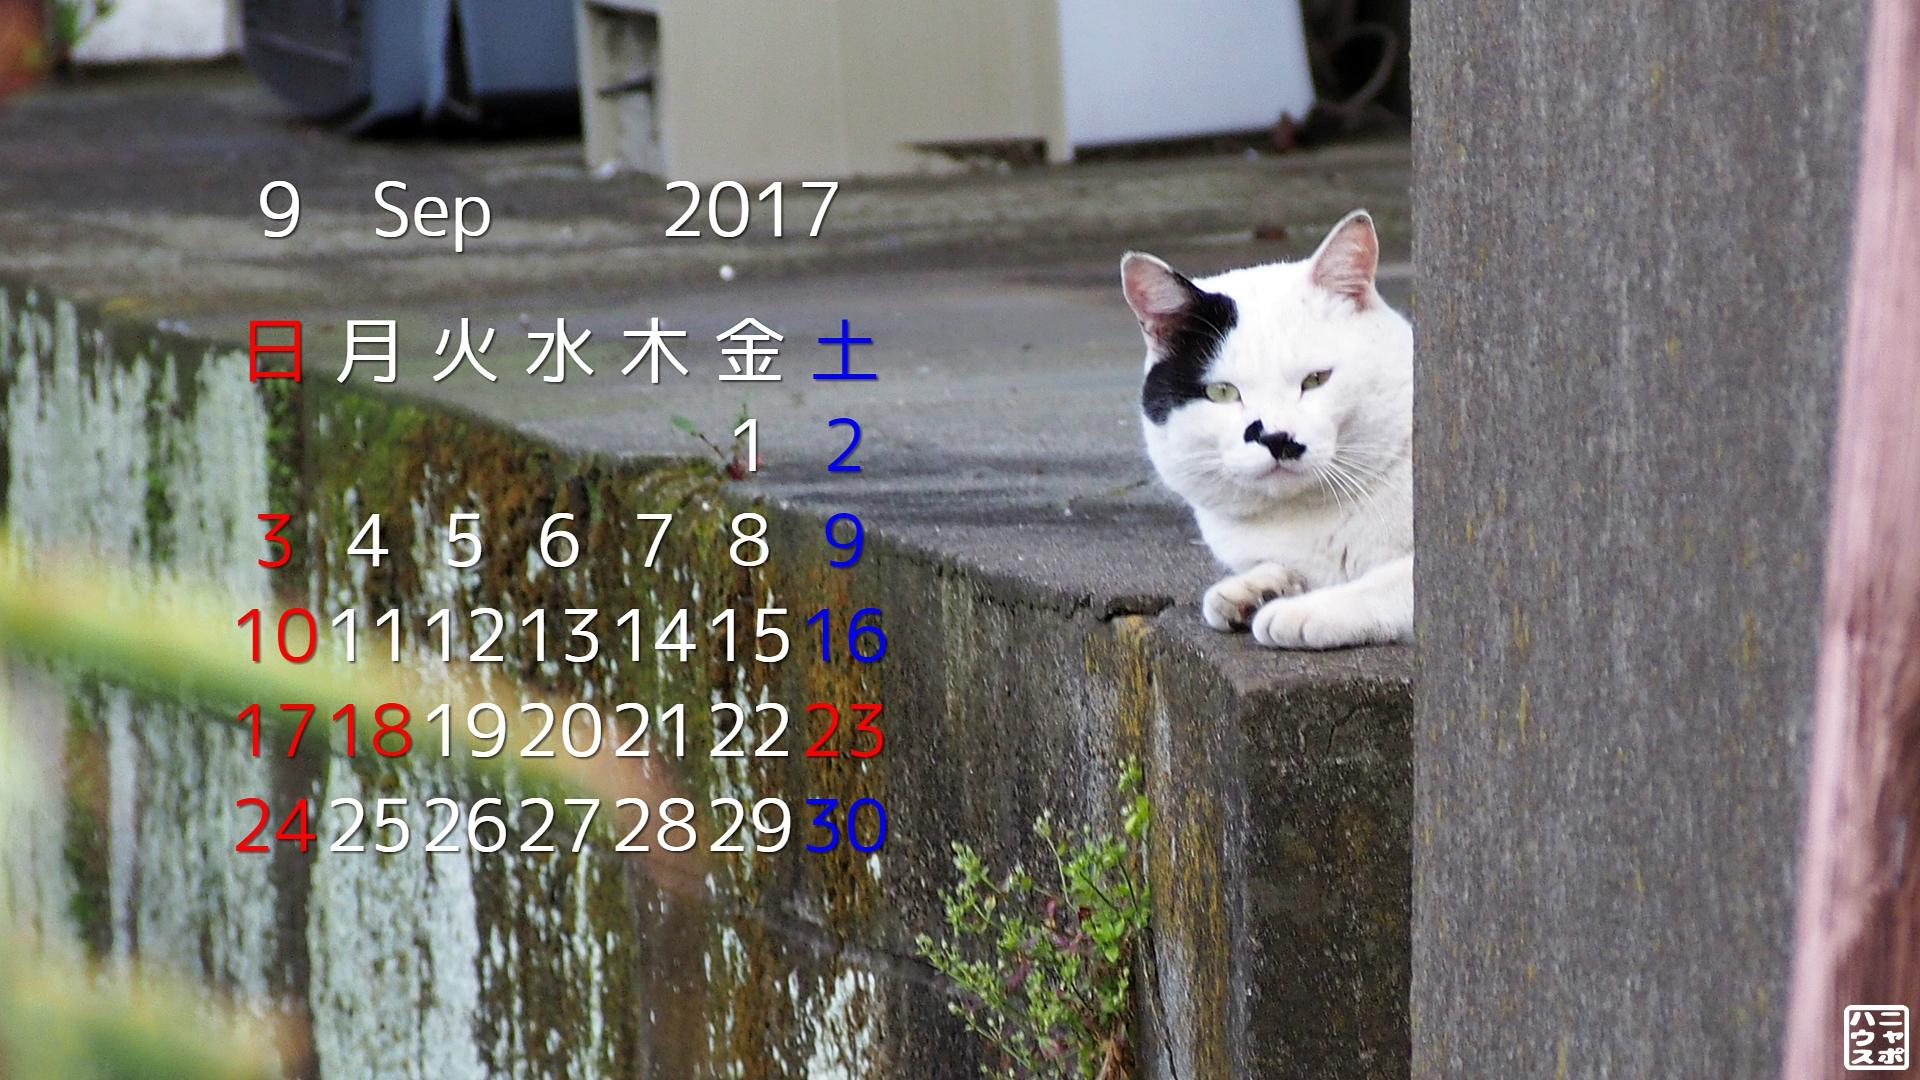 2017年9月 猫デスクトップカレンダー